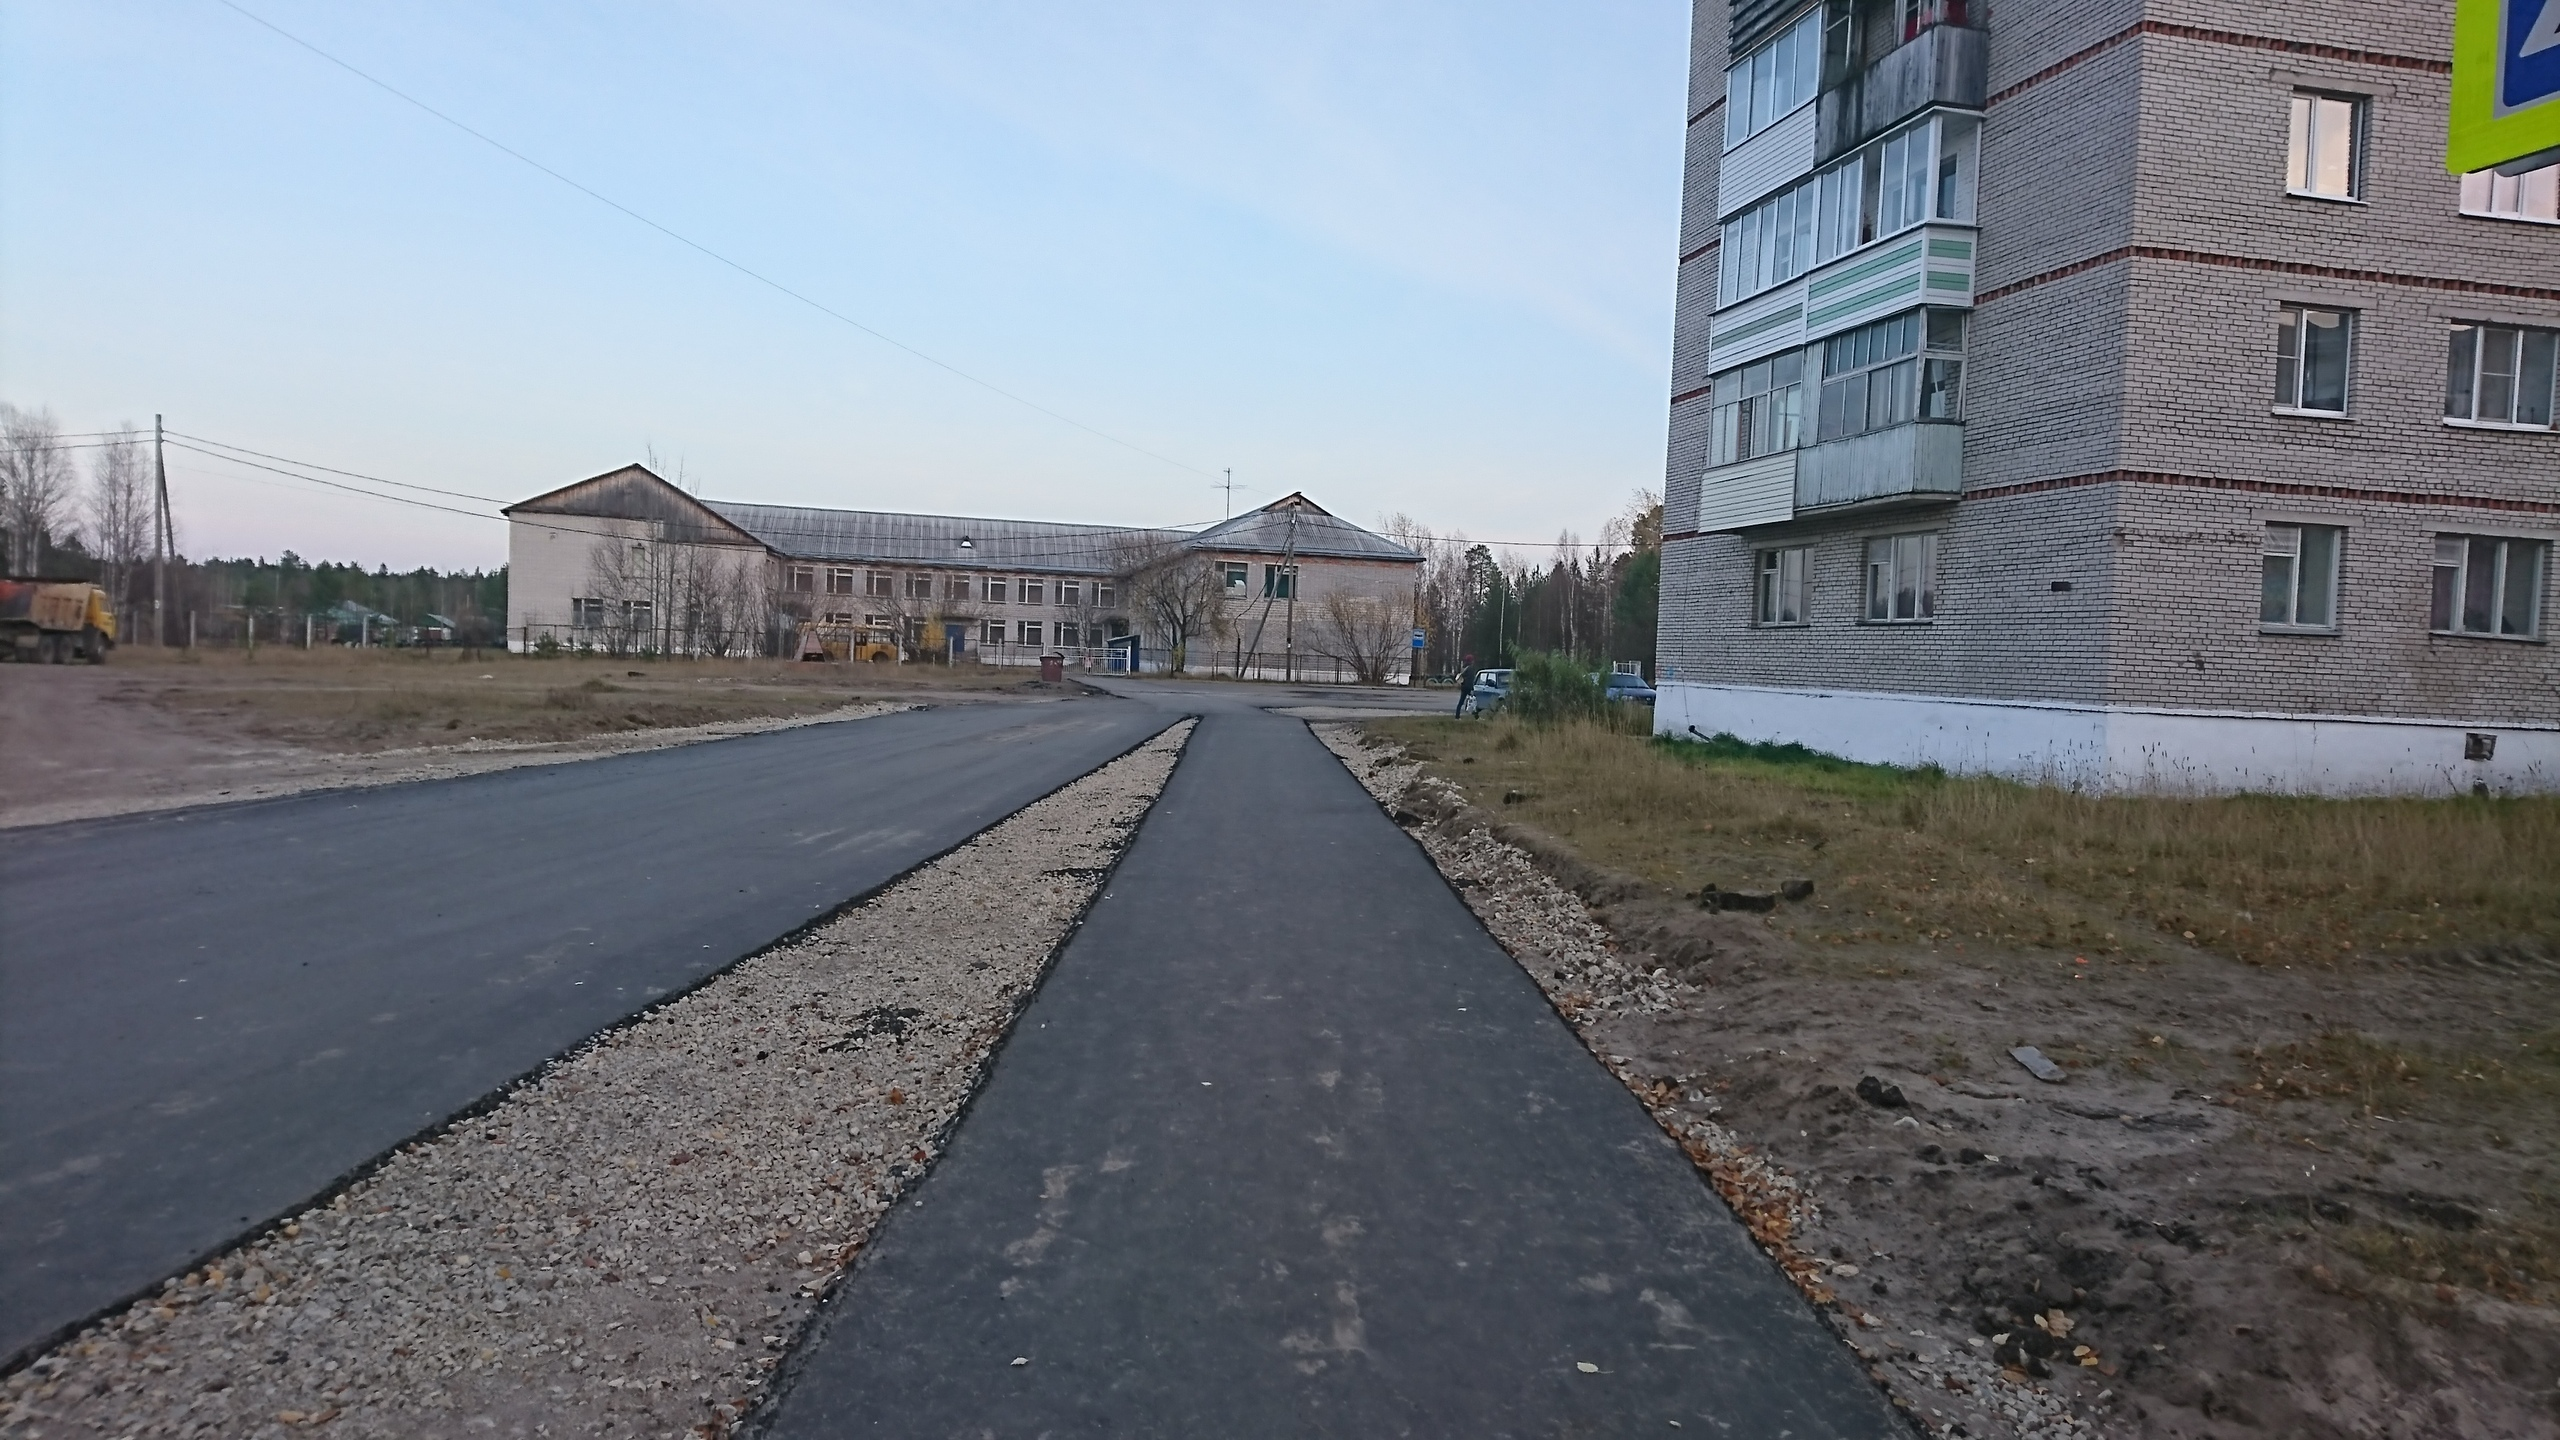 Реализация программы Комфортная городская среда в Удорском районе